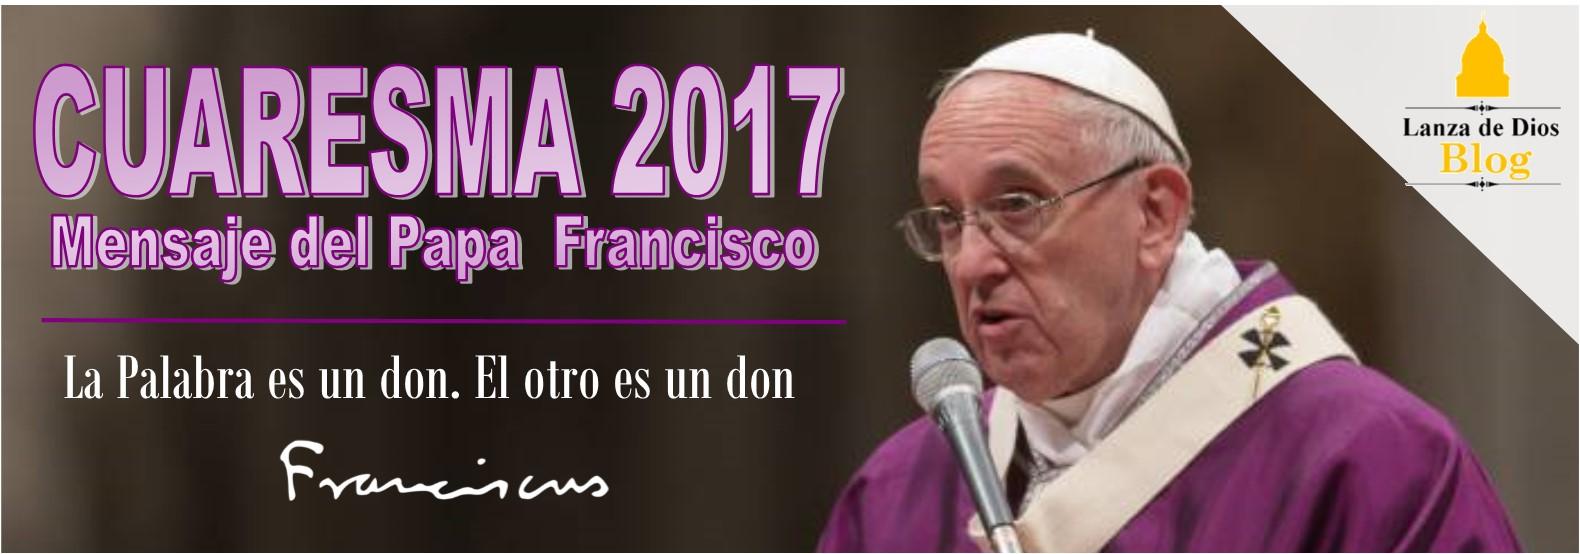 Mensaje Del Papa Francisco Para La Cuaresma 2017 Lanza De